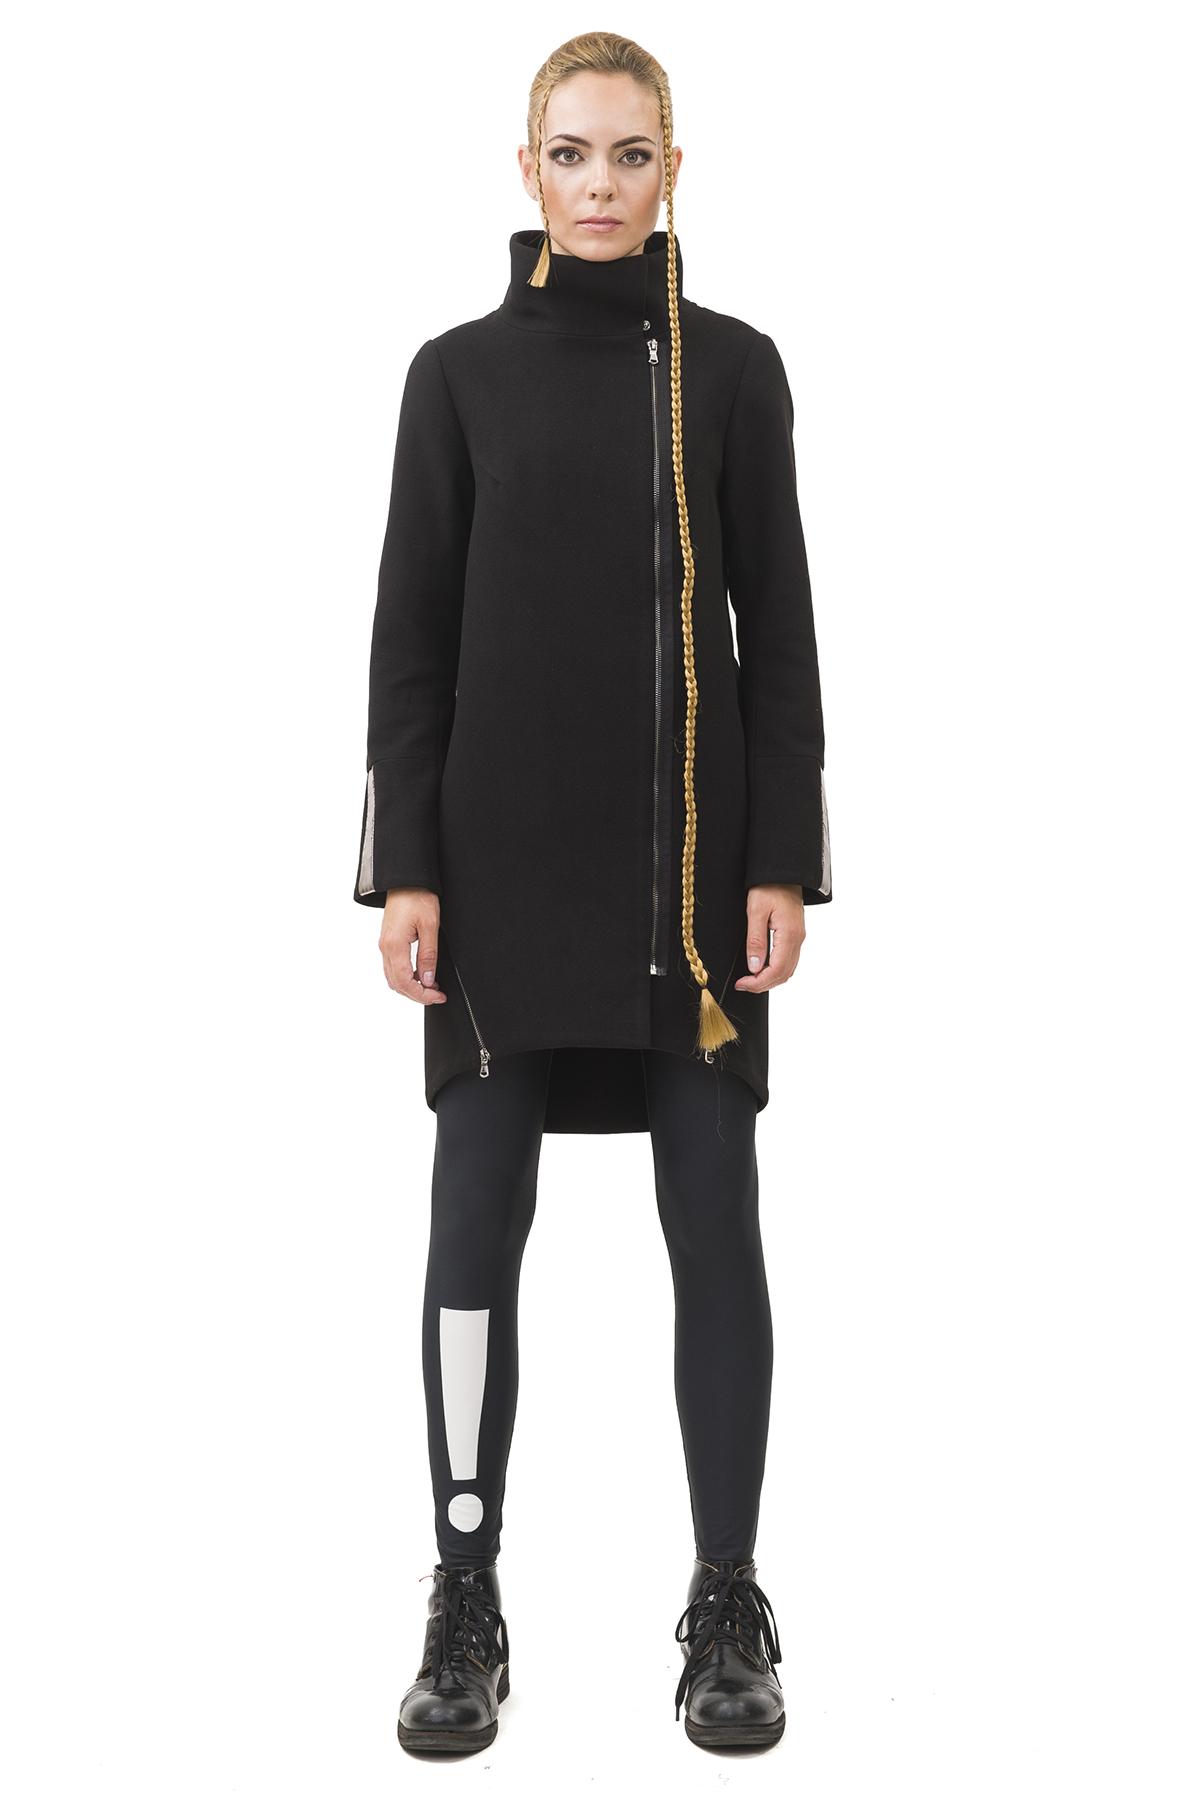 ПальтоЖенские куртки, плащи, пальто<br>Пальто  Pavel Yerokin выполнено из кашемира. Особенности: длинные молнии в качестве элементов отделки, отстегивающийся рюкзак на спине из серебряной плащевой ткани, свободный крой, застежка на молнии, закругленный асимметричный низ.<br><br>Цвет: черный<br>Состав: Материал 1 - Полиэстер - 65%, Вискоза - 18%, Шерсть - 15%,  Эластан - 2%  Материал 2 - Полиэстер - 100%<br>Размер: 40,42,44,46,48,50<br>Страна дизайна: Россия<br>Страна производства: Россия